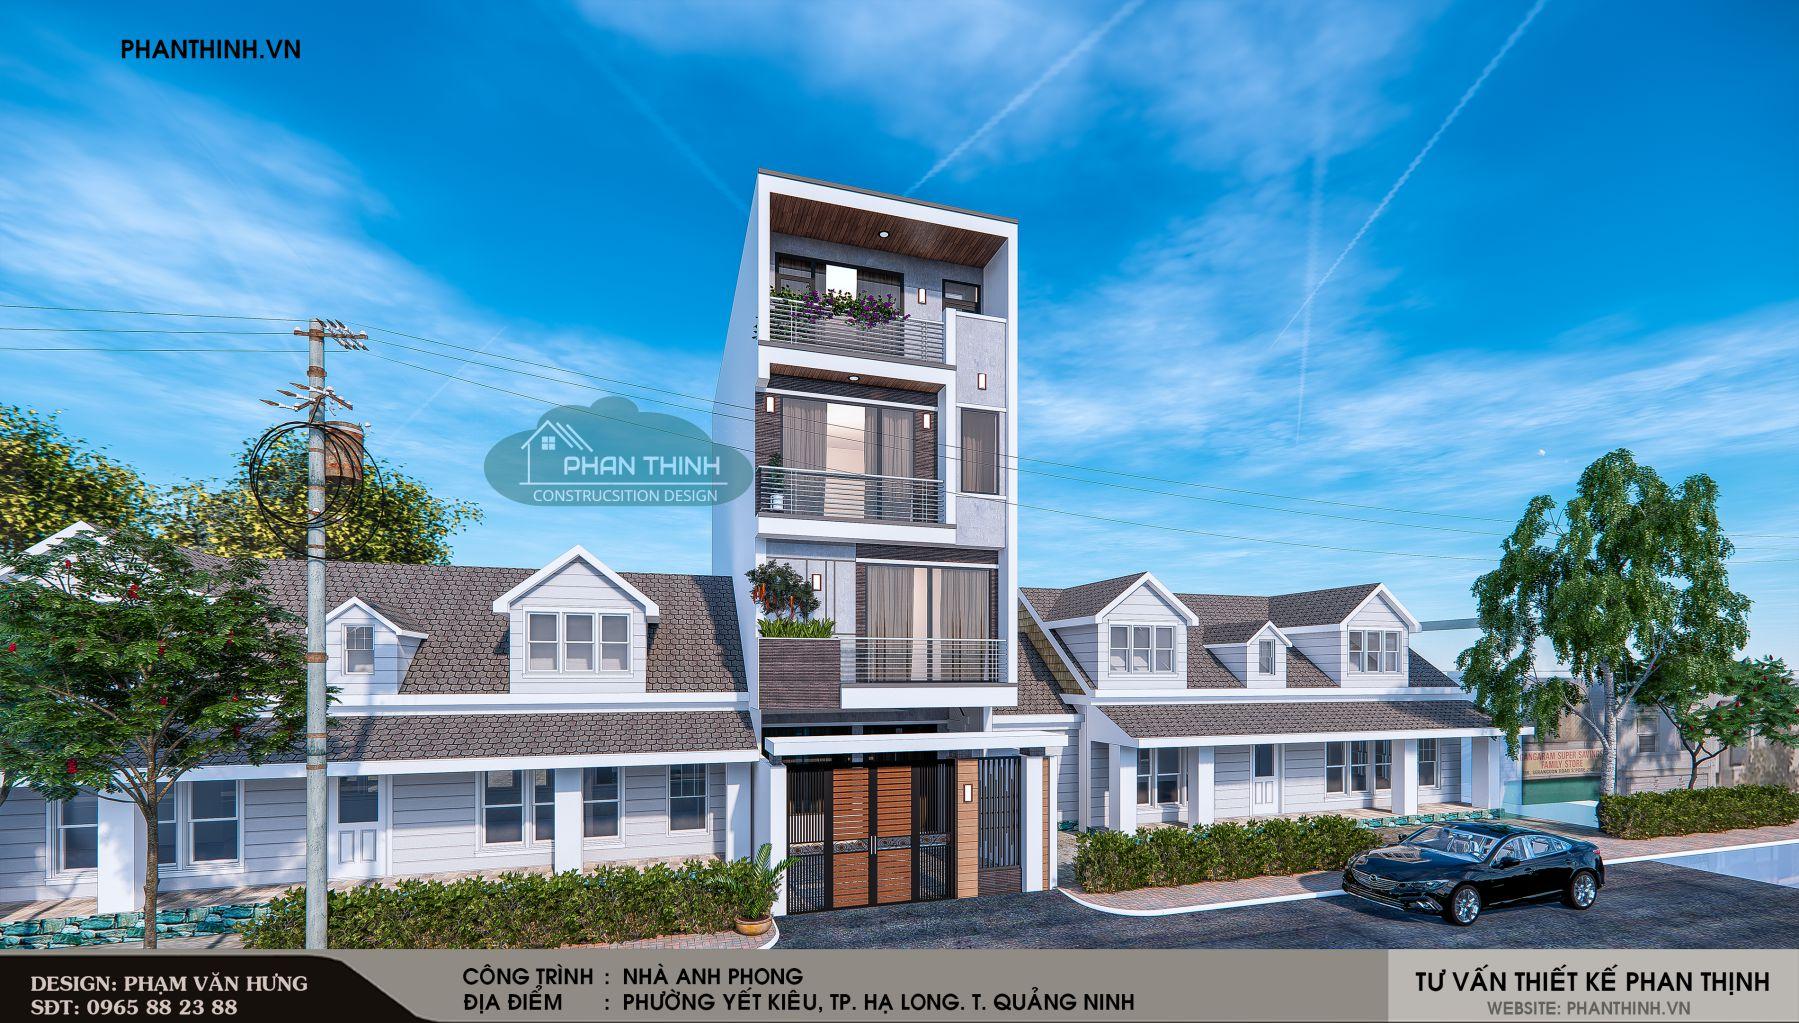 Thiết kế phối cảnh góc căn nhà tại Quảng Ninh.